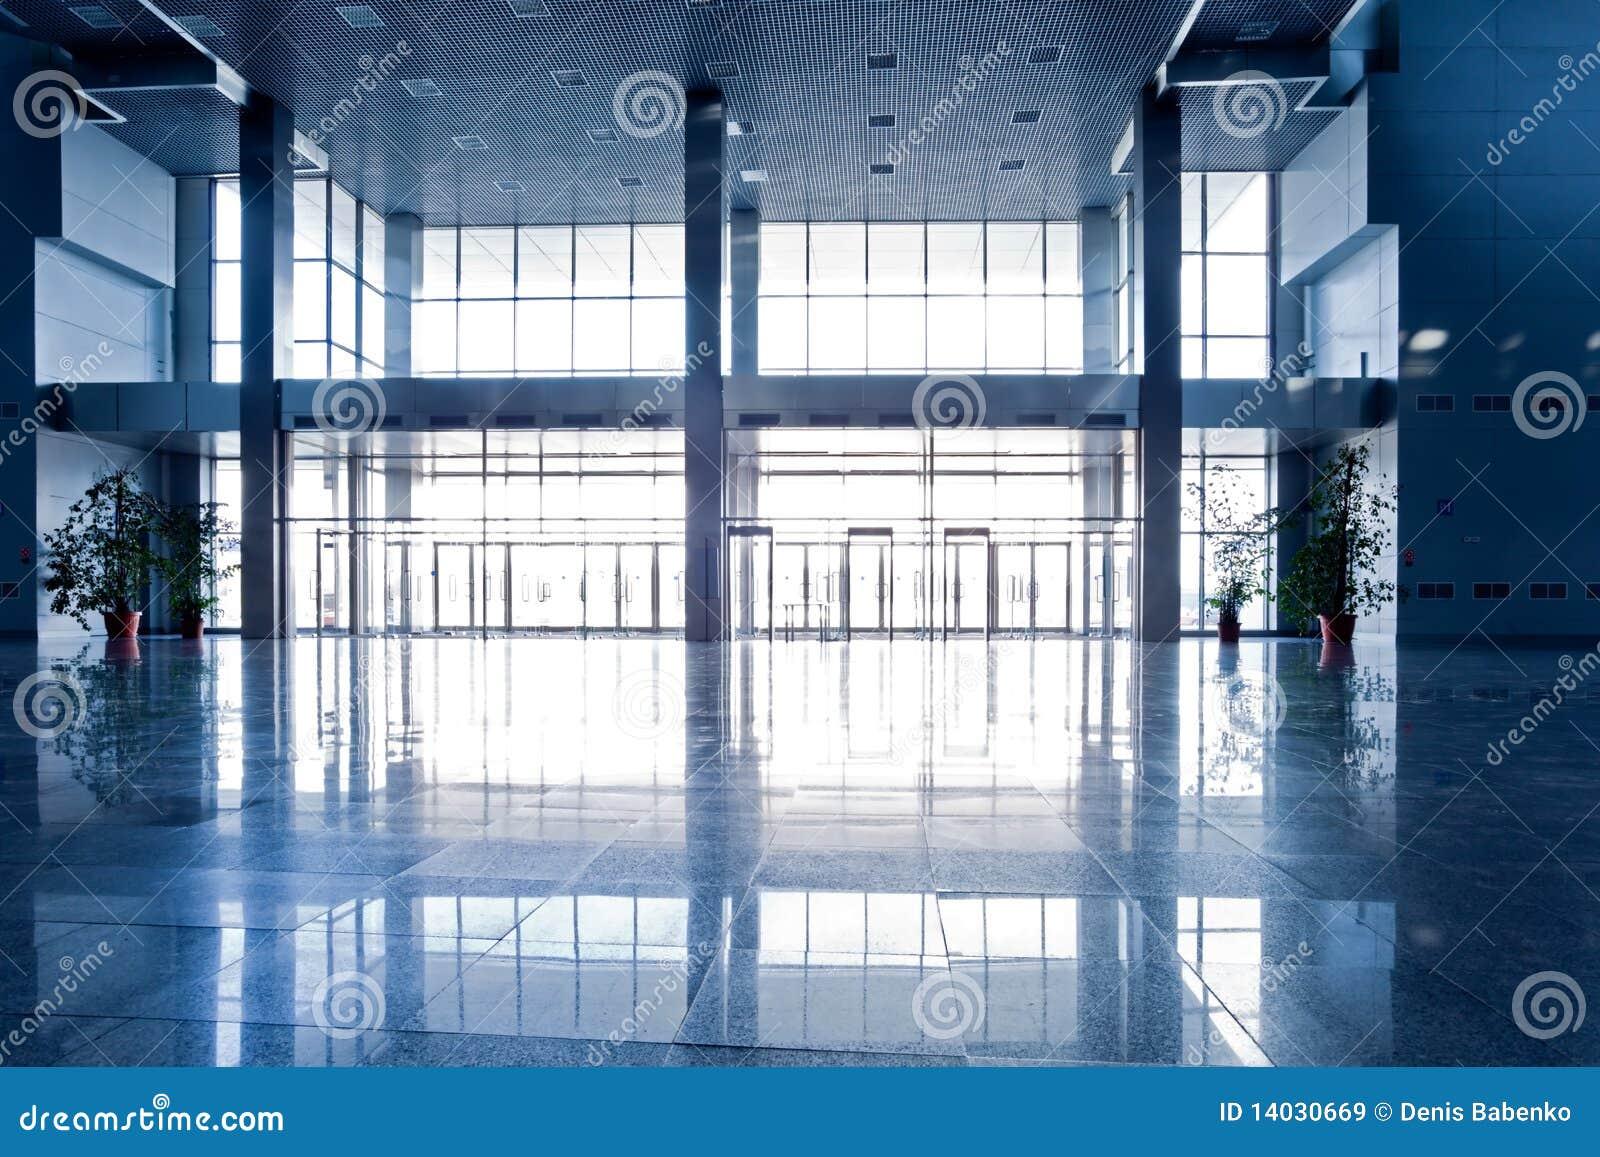 μπλε αίθουσα ευρέως